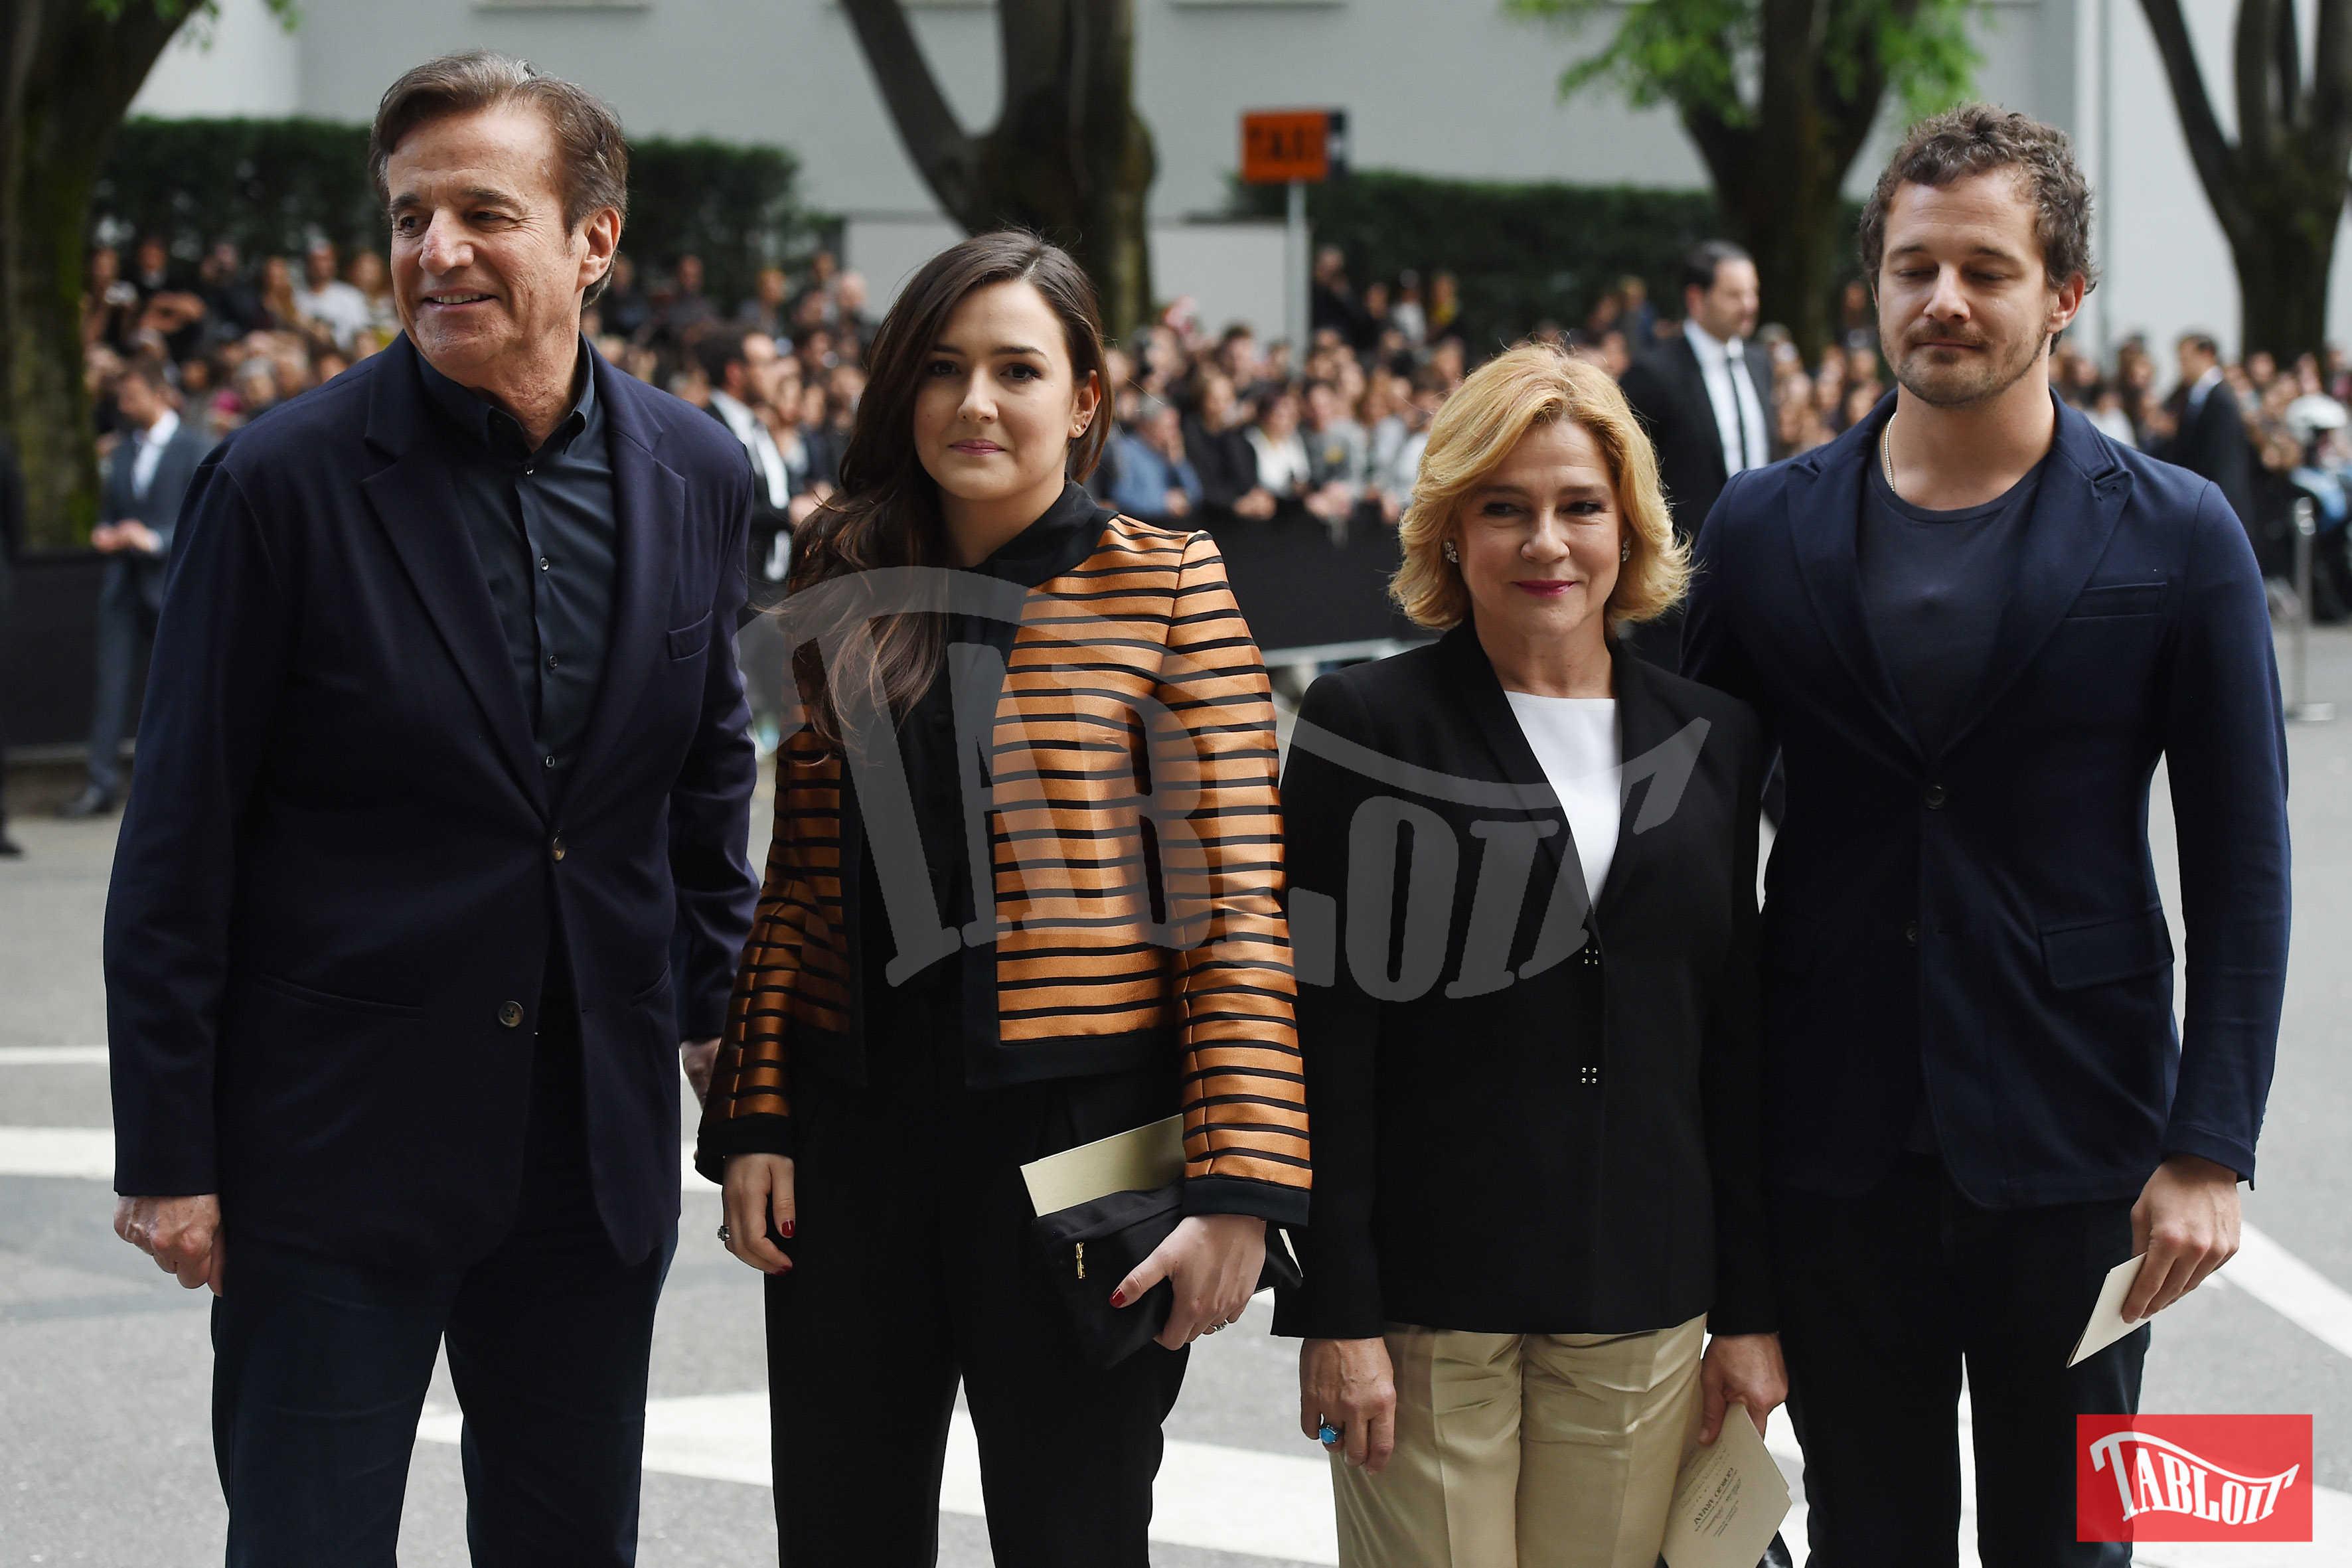 Christian De Sica, Maria Rosa De Sica, Silvia Verdone e Brando De Sica